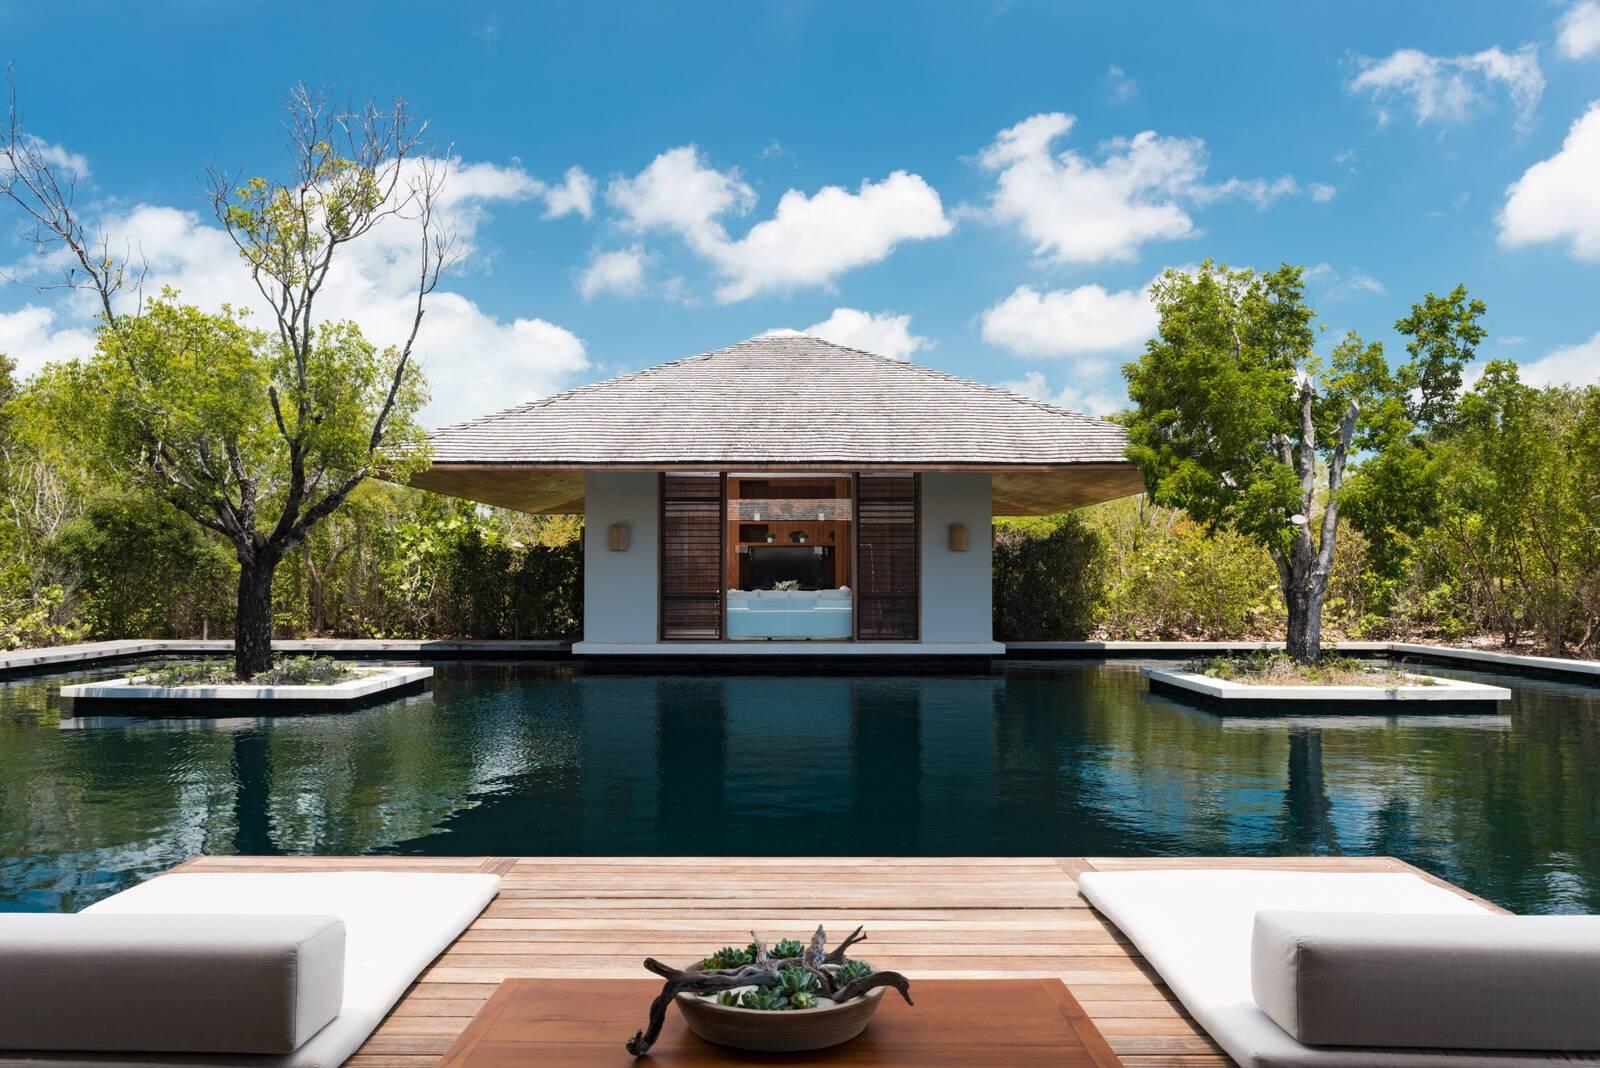 Amanyara Tranquility Villa Piscine Turks et Caicos